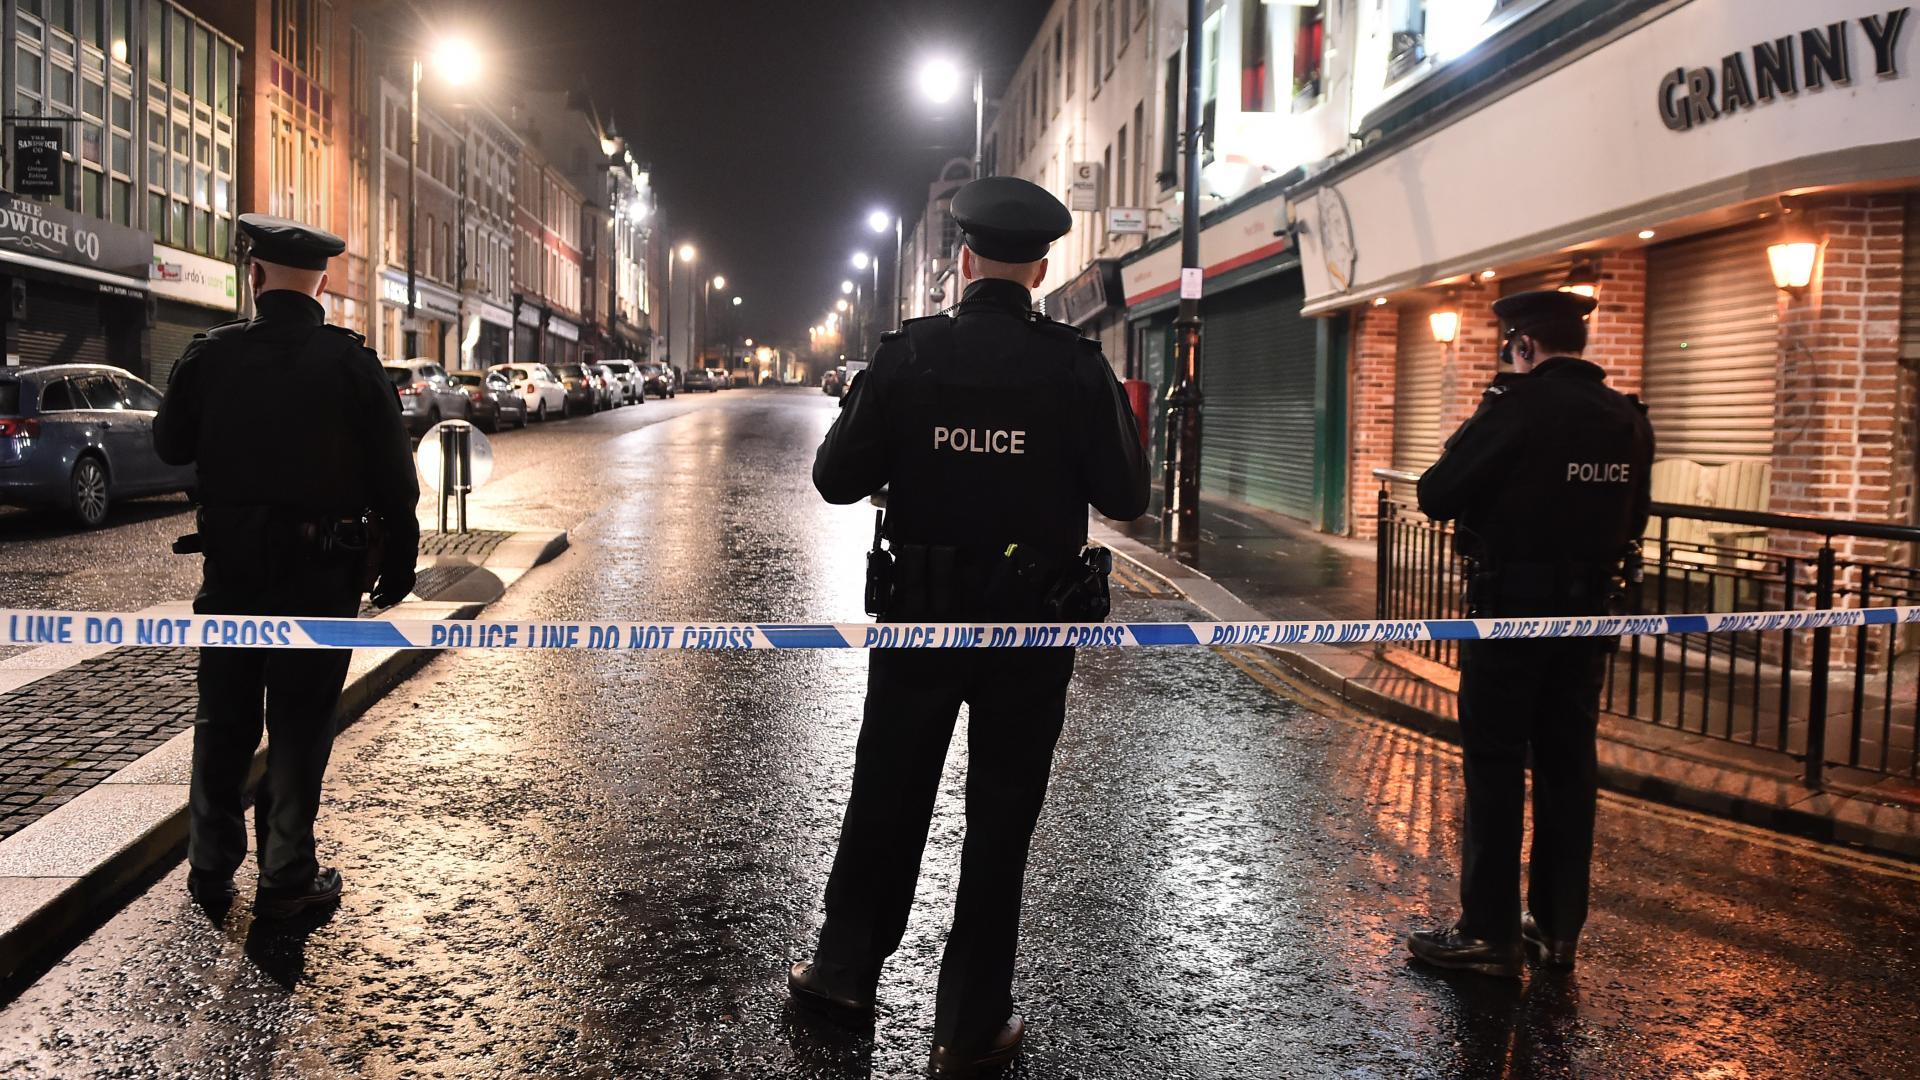 انفجار مركبة مفخخة يهز إيرلندا الشمالية.. شاهد آثاره